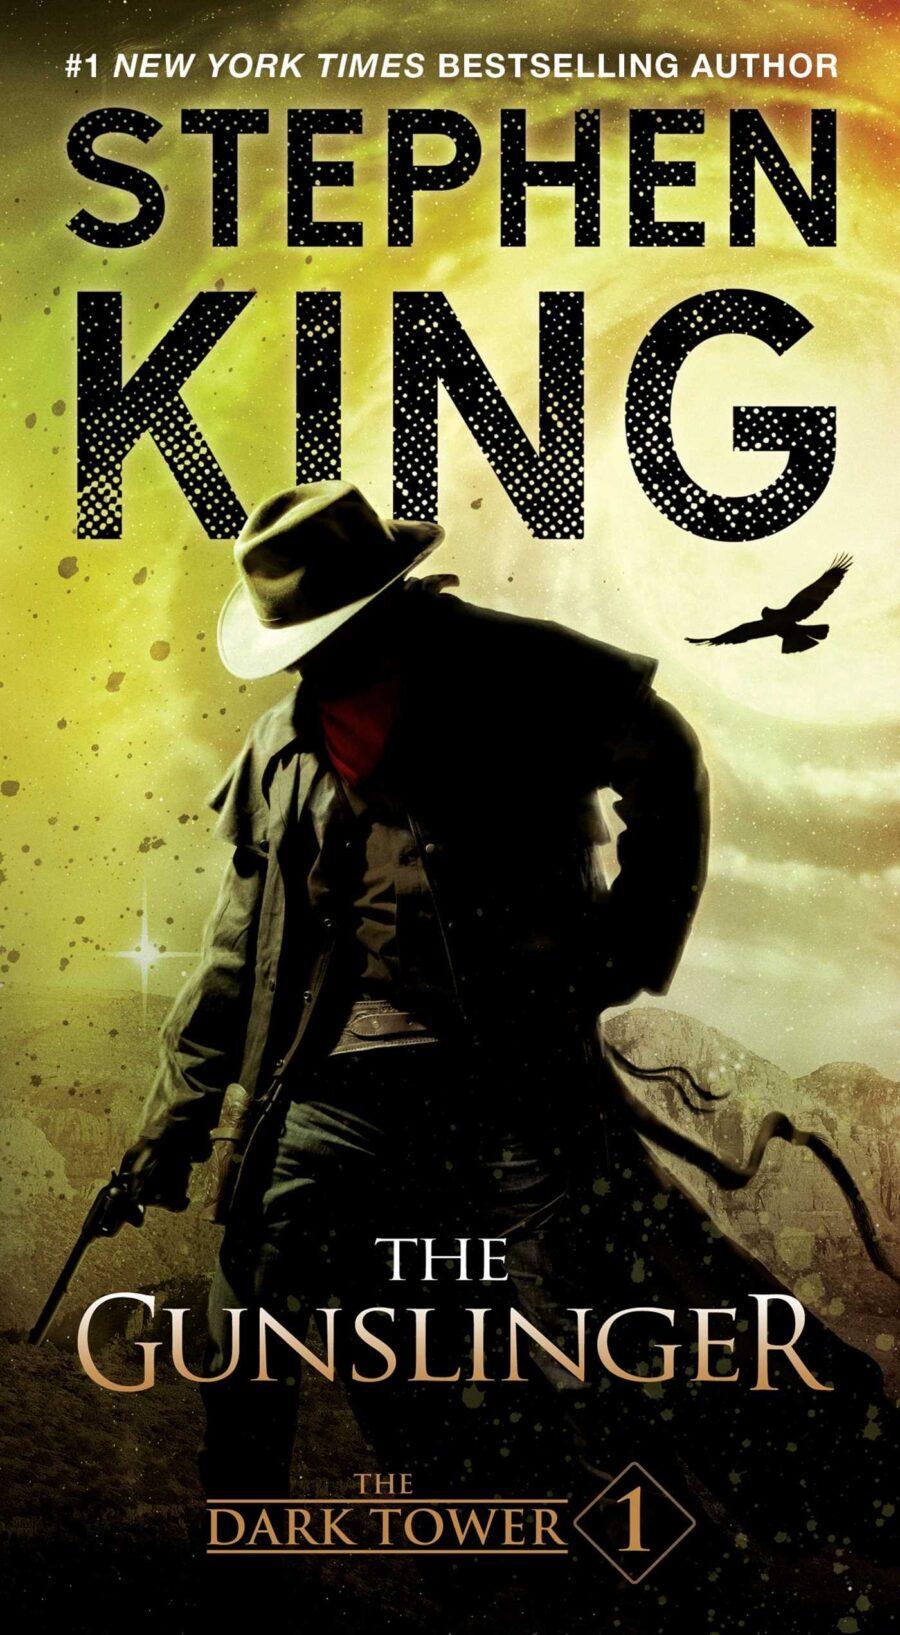 Sci-Fi Novel The Gunslinger